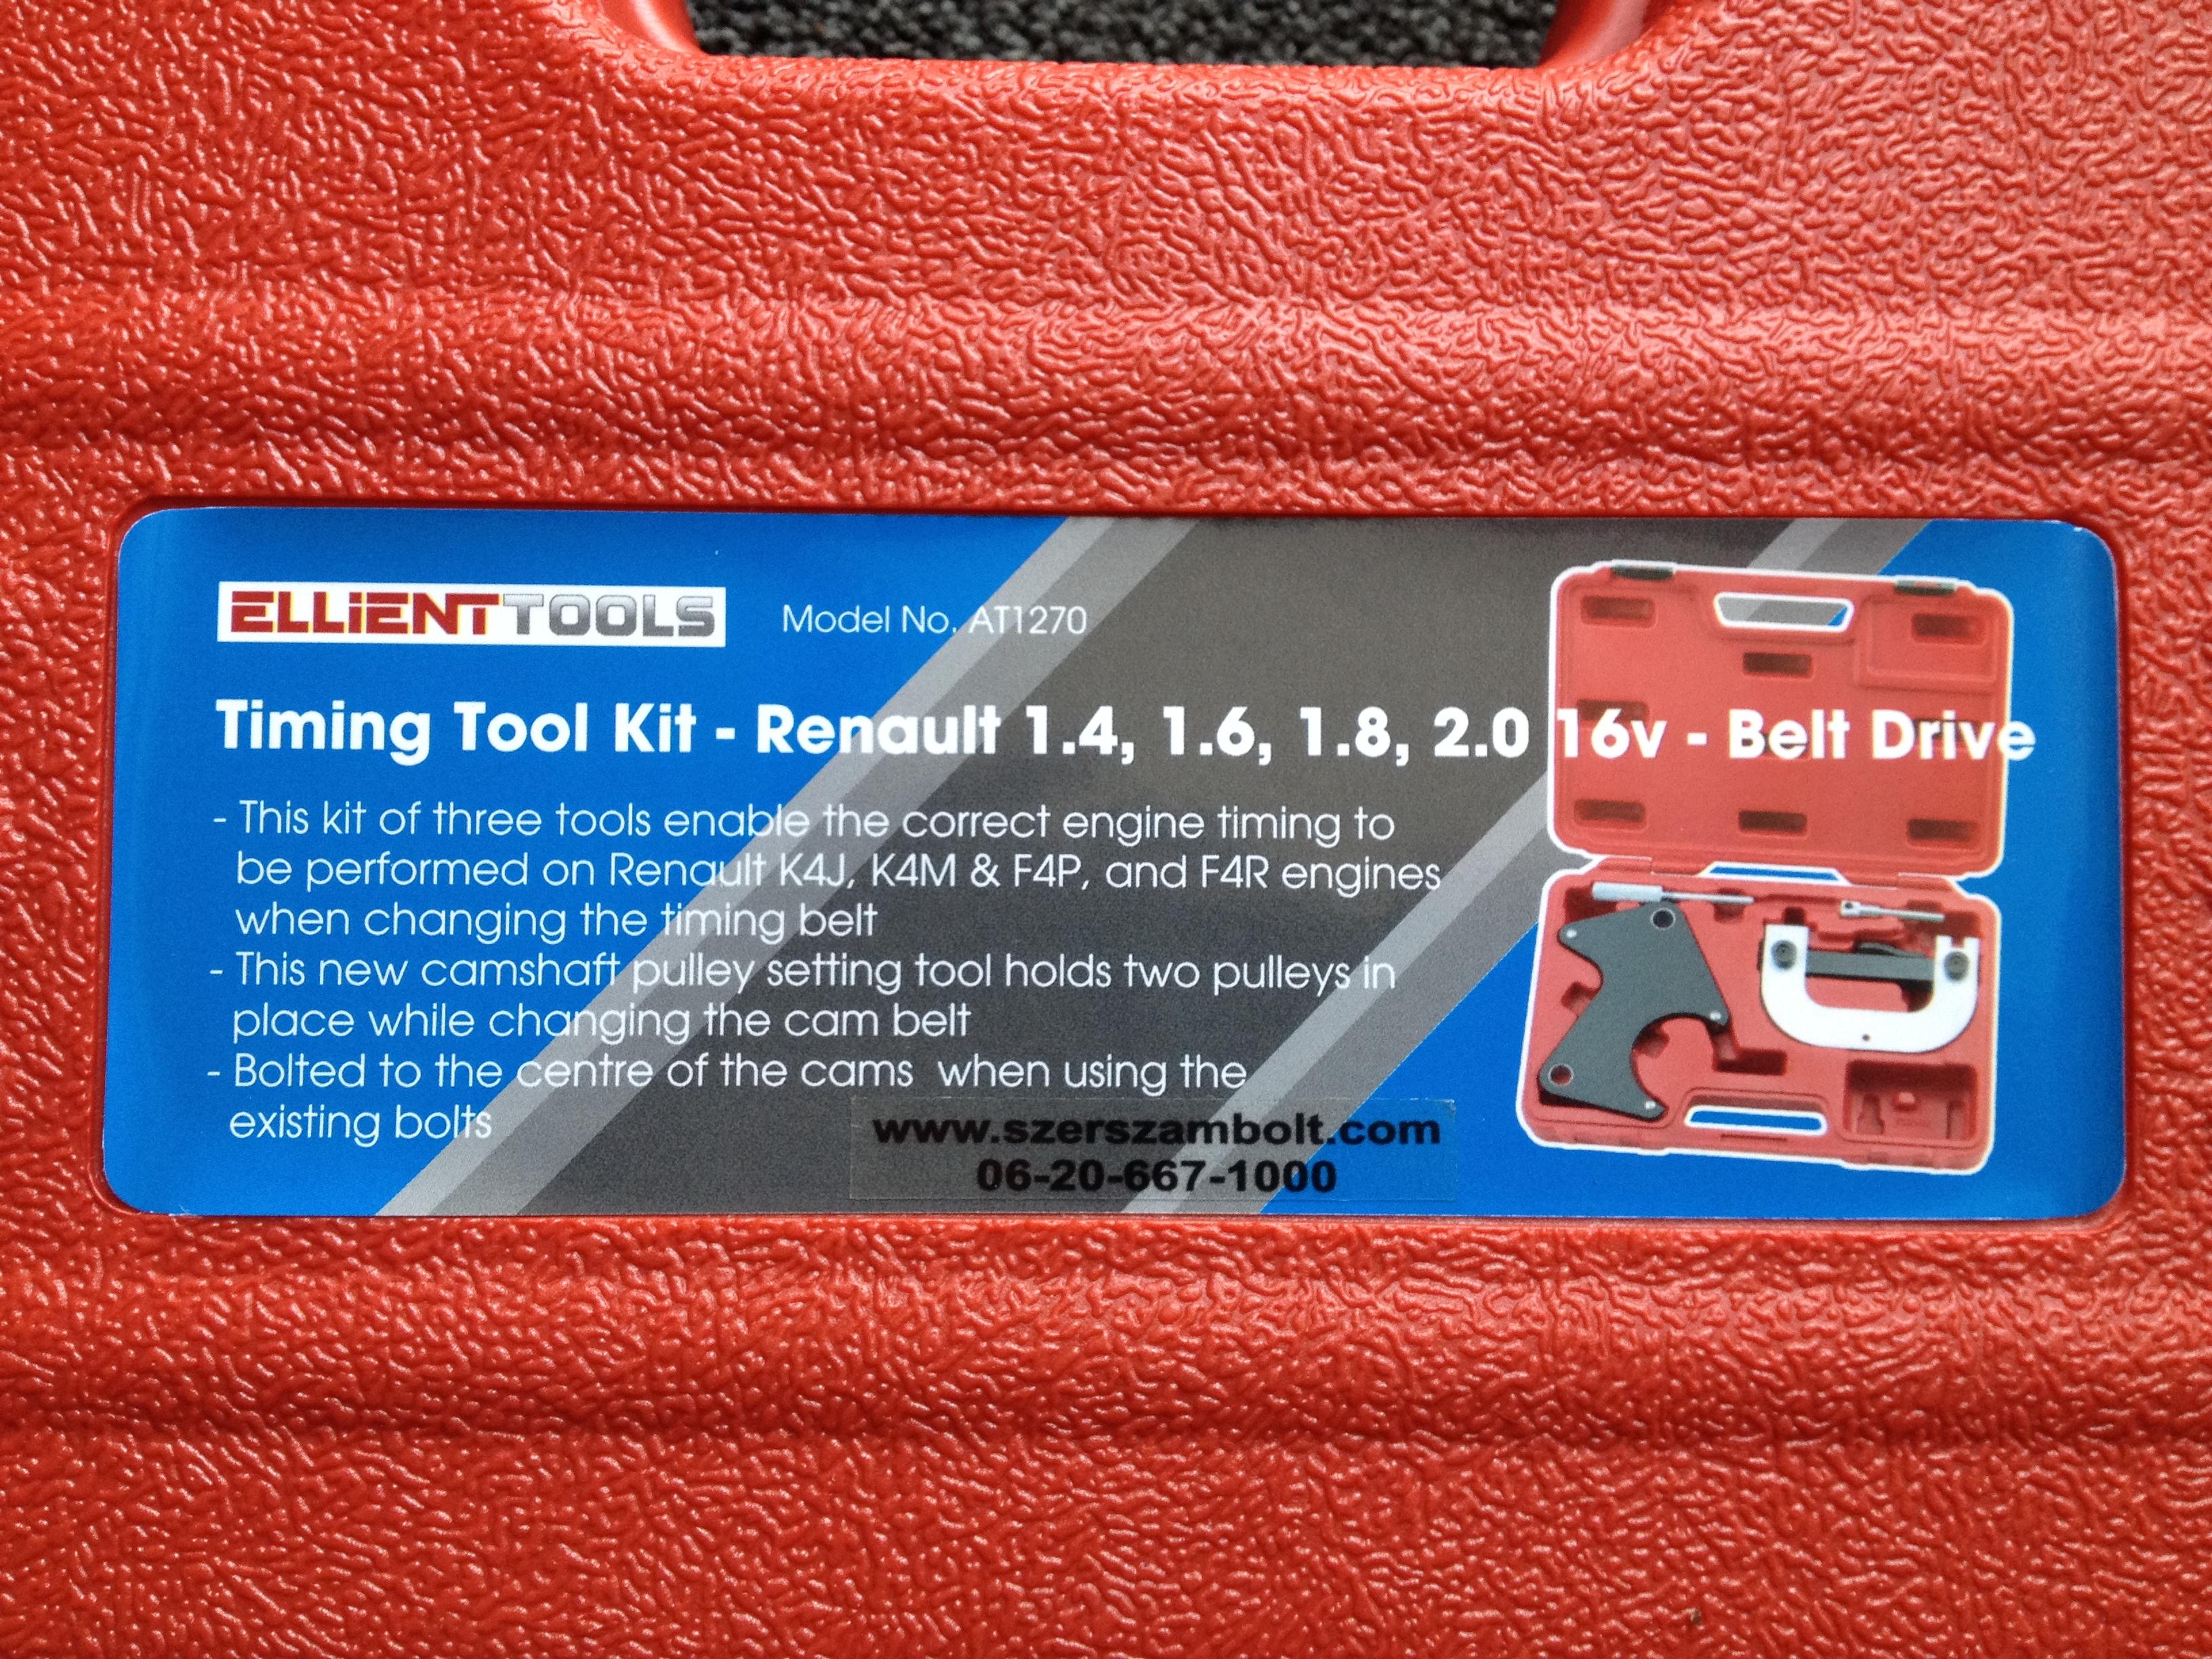 Renault vezérlésrögzítő készlet_AT1270 (2)